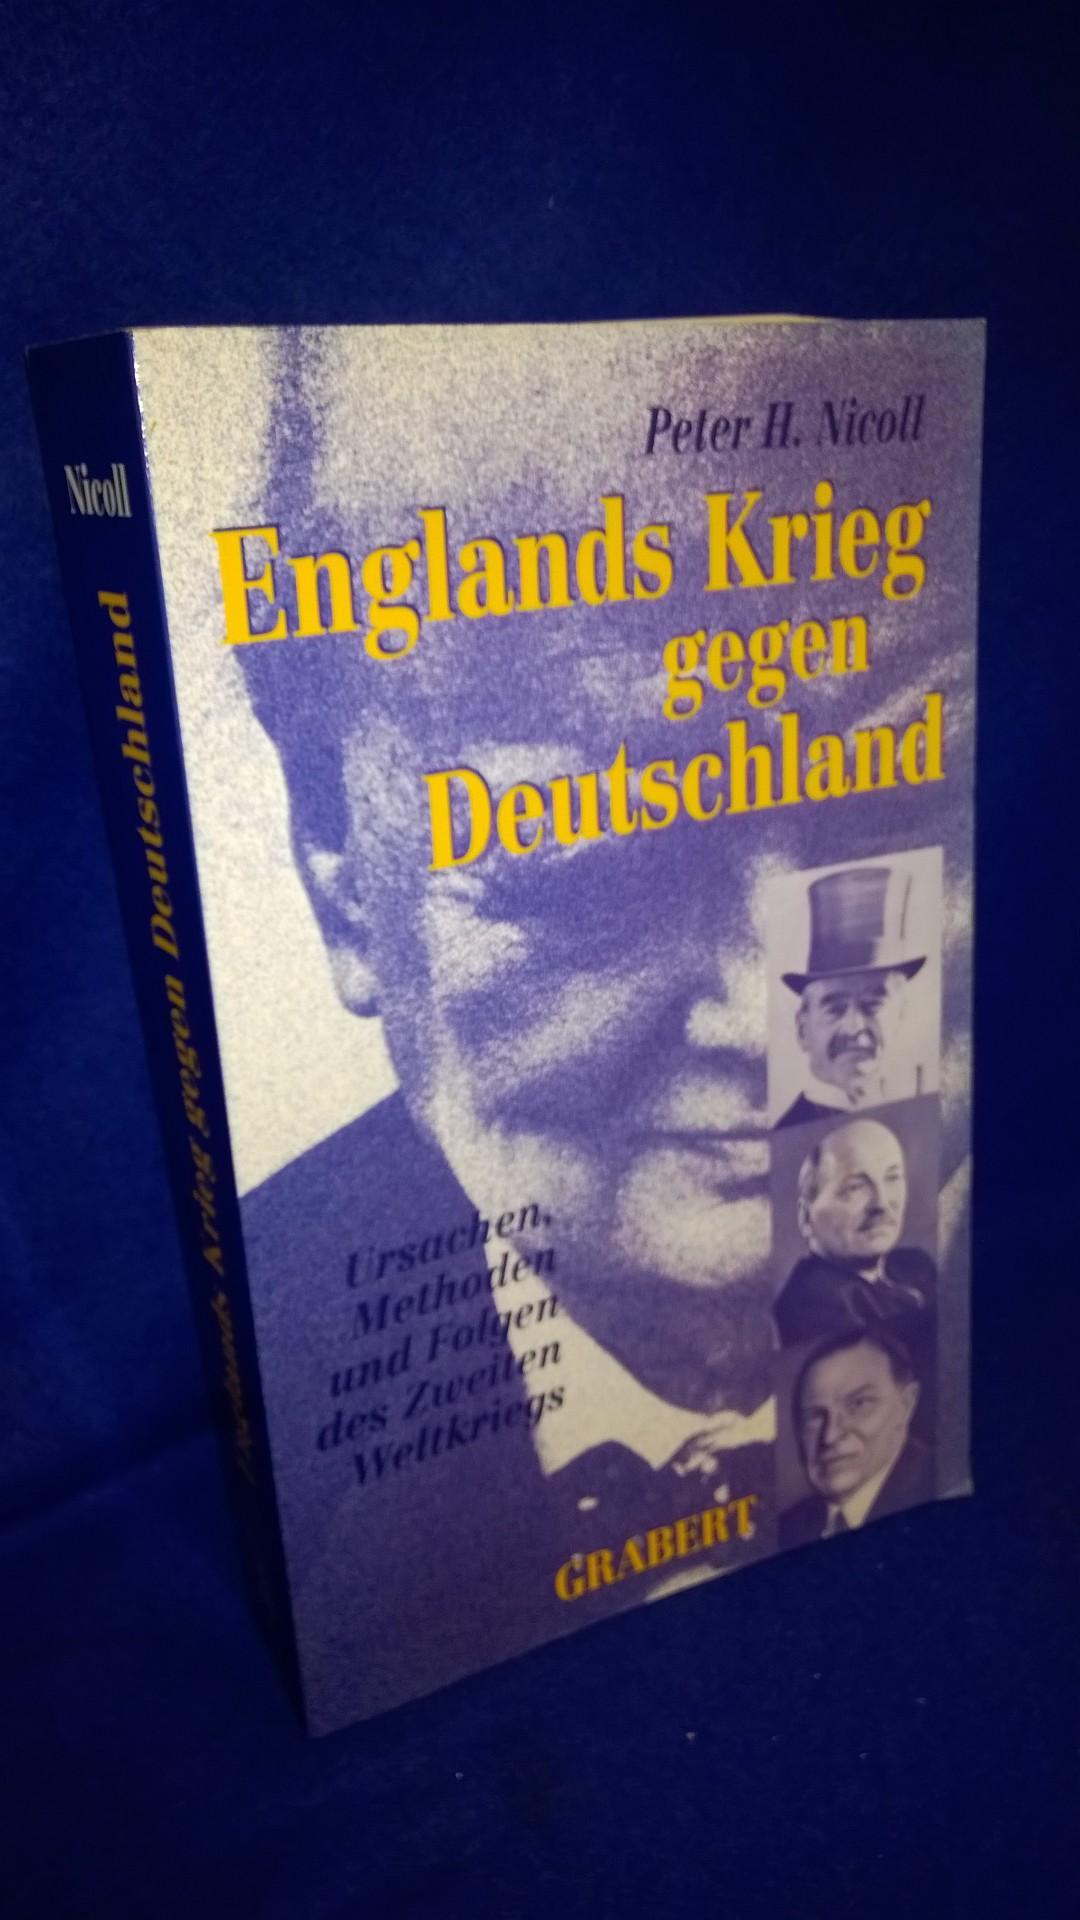 Englands Krieg gegen Deutschland. Ursachen, Methoden und Folgen des Zweiten Weltkrieges.